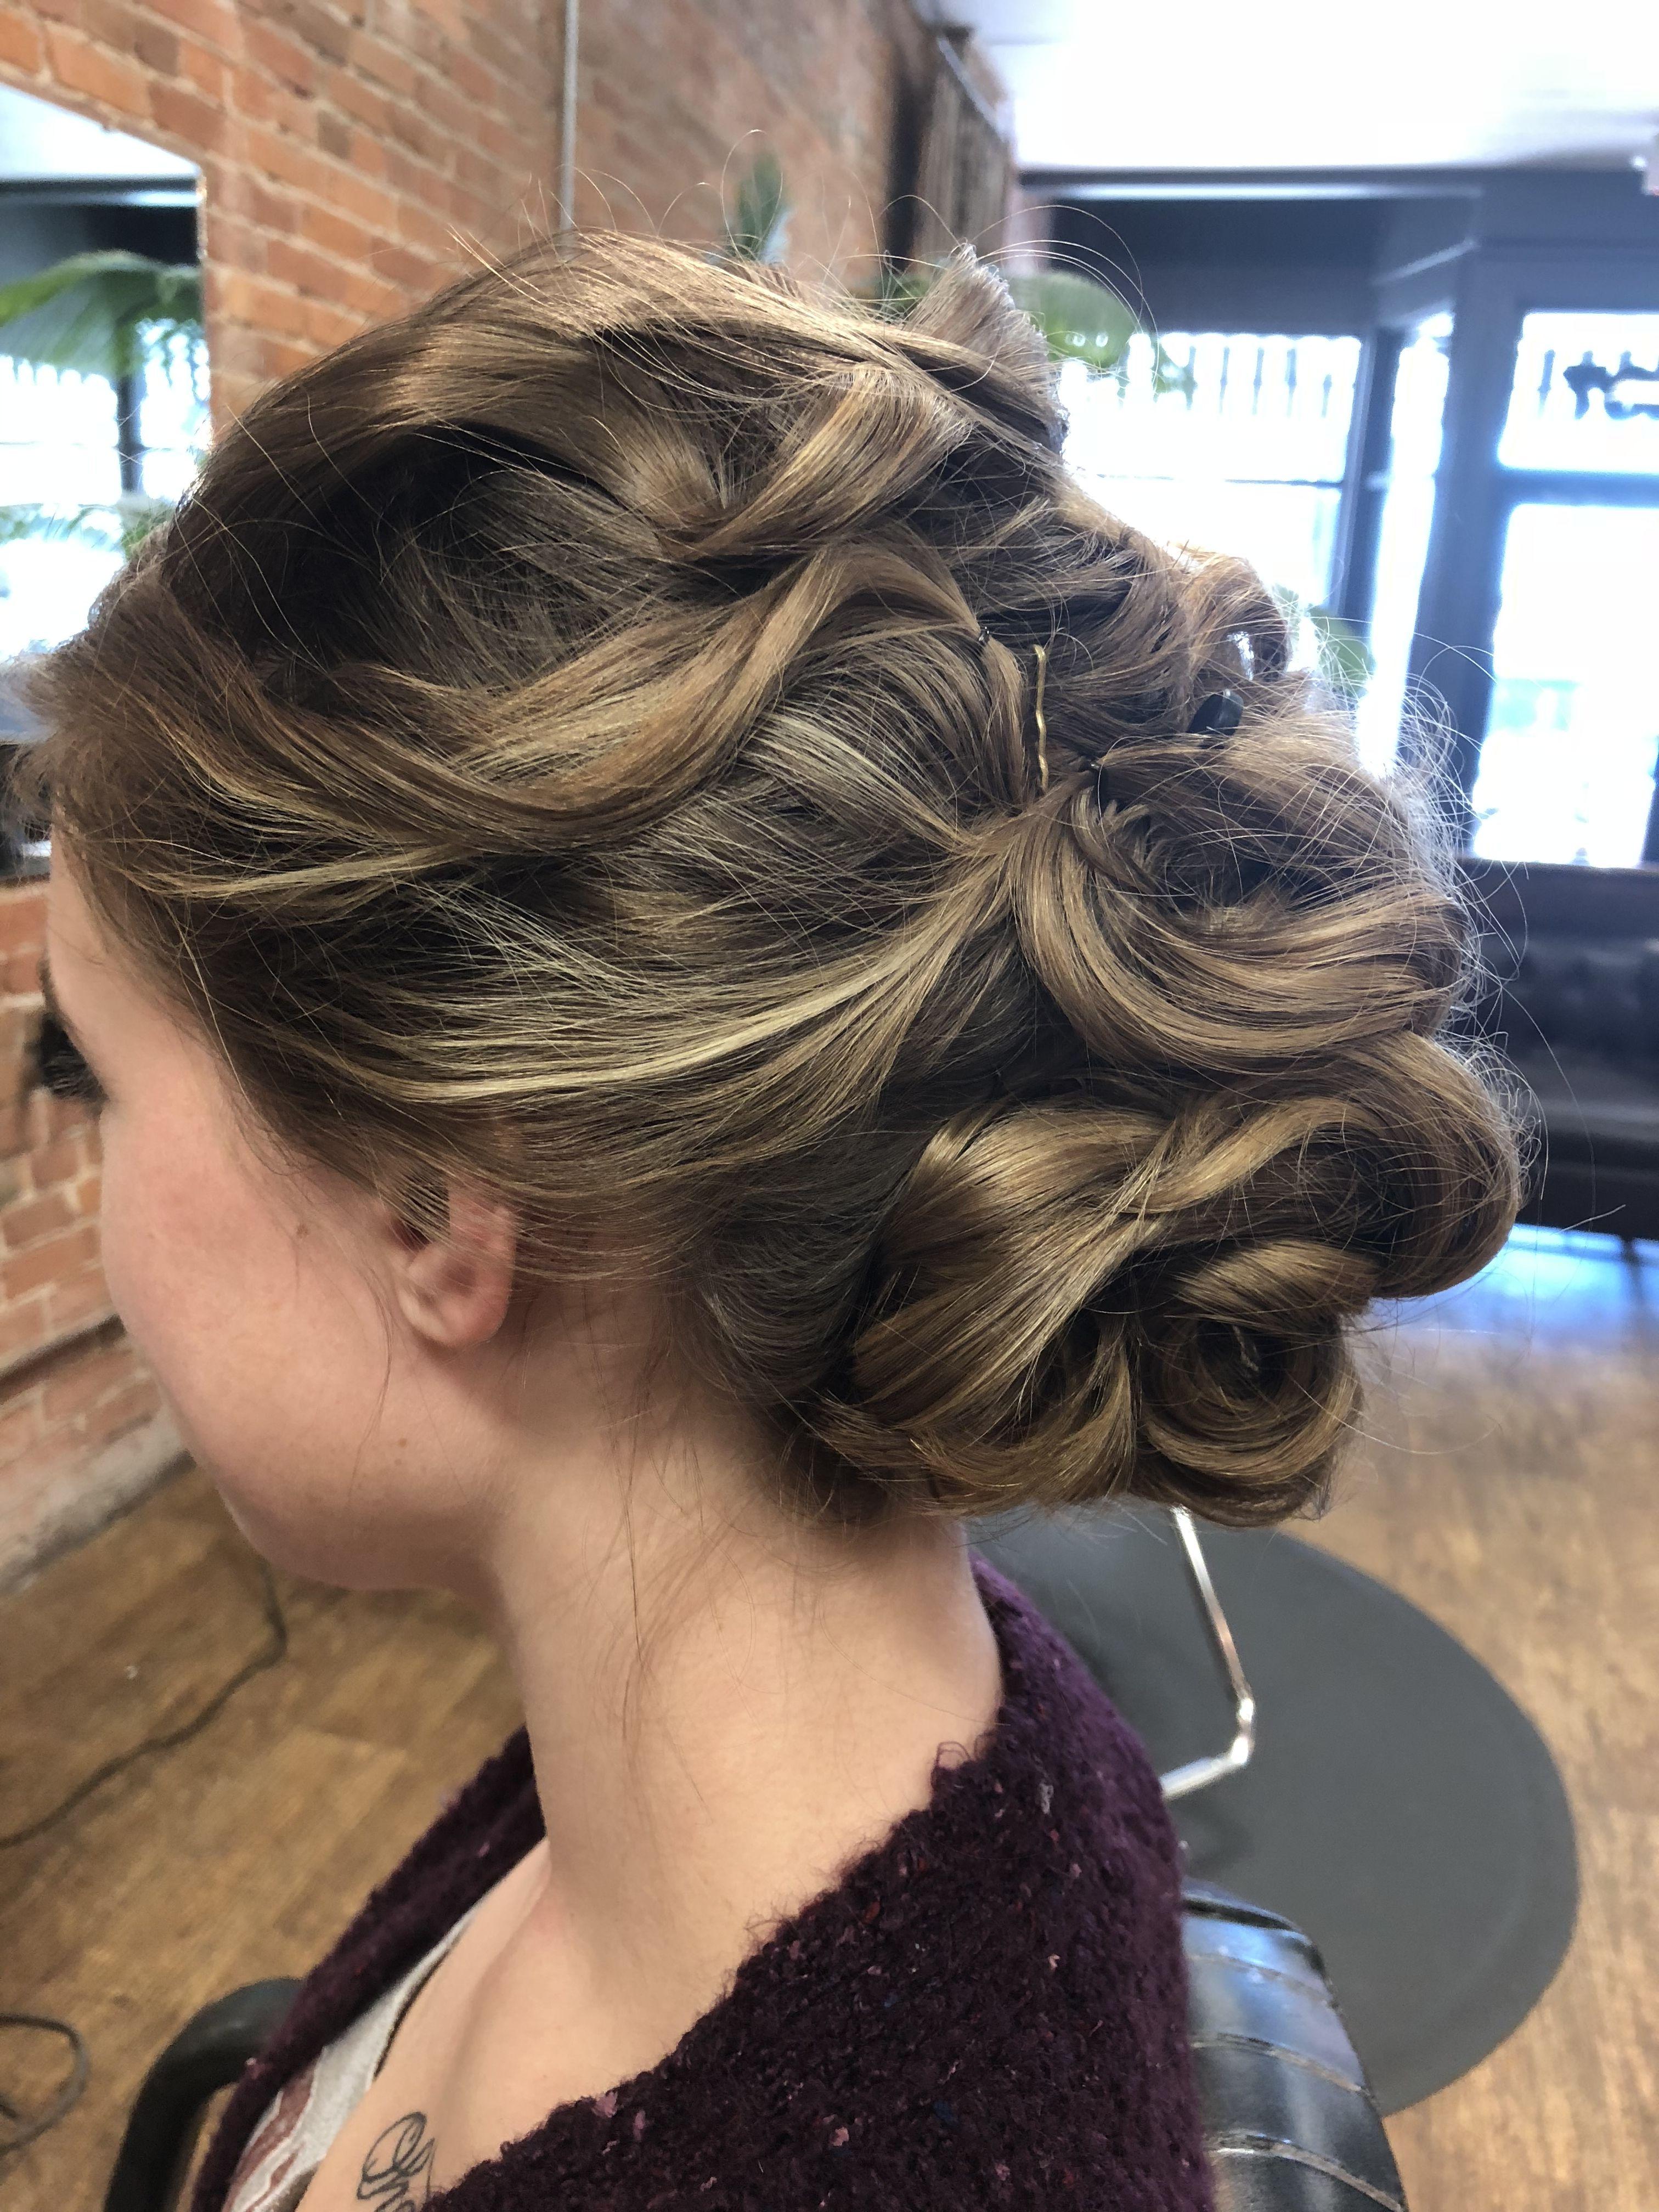 Curly bun hair for prom | Bun hairstyles, Curly bun, Prom hair